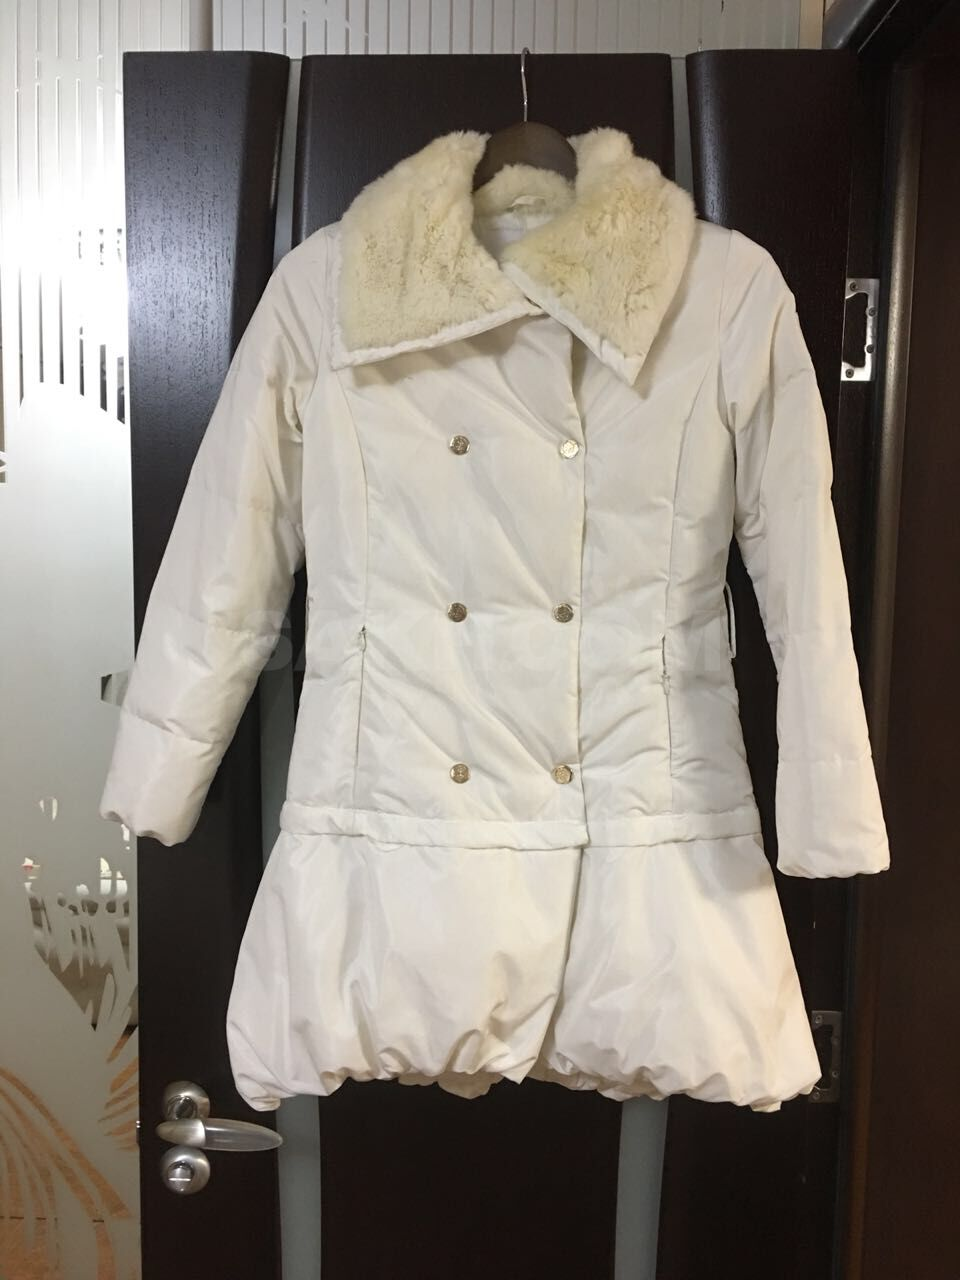 1dd9bd75379 Продам пальто. Производитель Франция Продаём не дорого так как вещь б у.  Наполнитель натуральный. Нижняя часть отстёгивается и носится как куртка